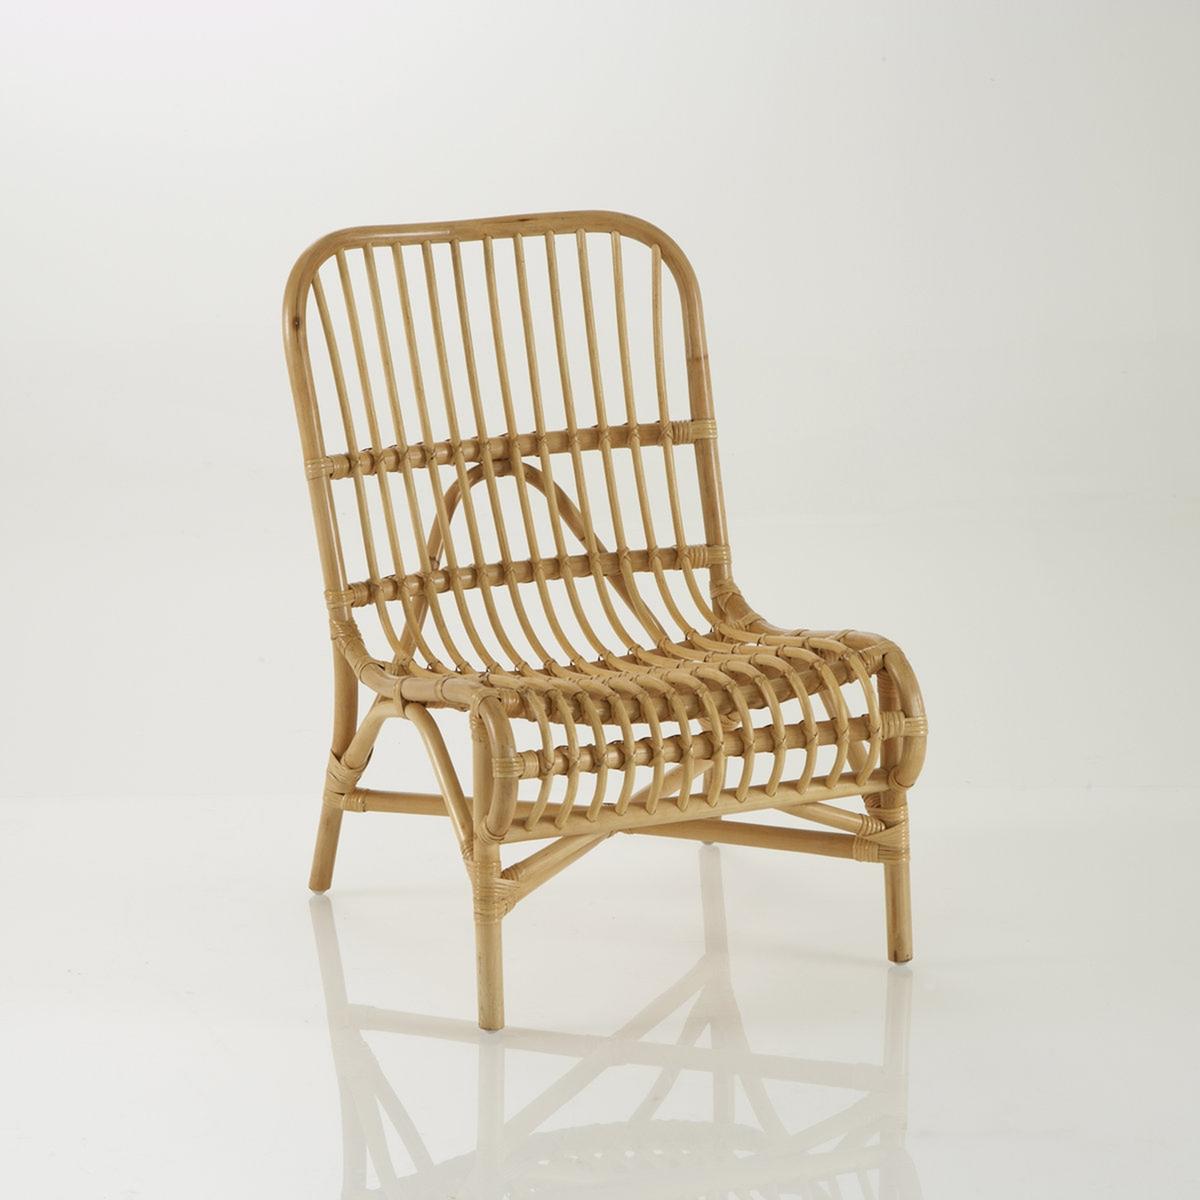 Silla o sillón de apoyo en mimbre, Malu